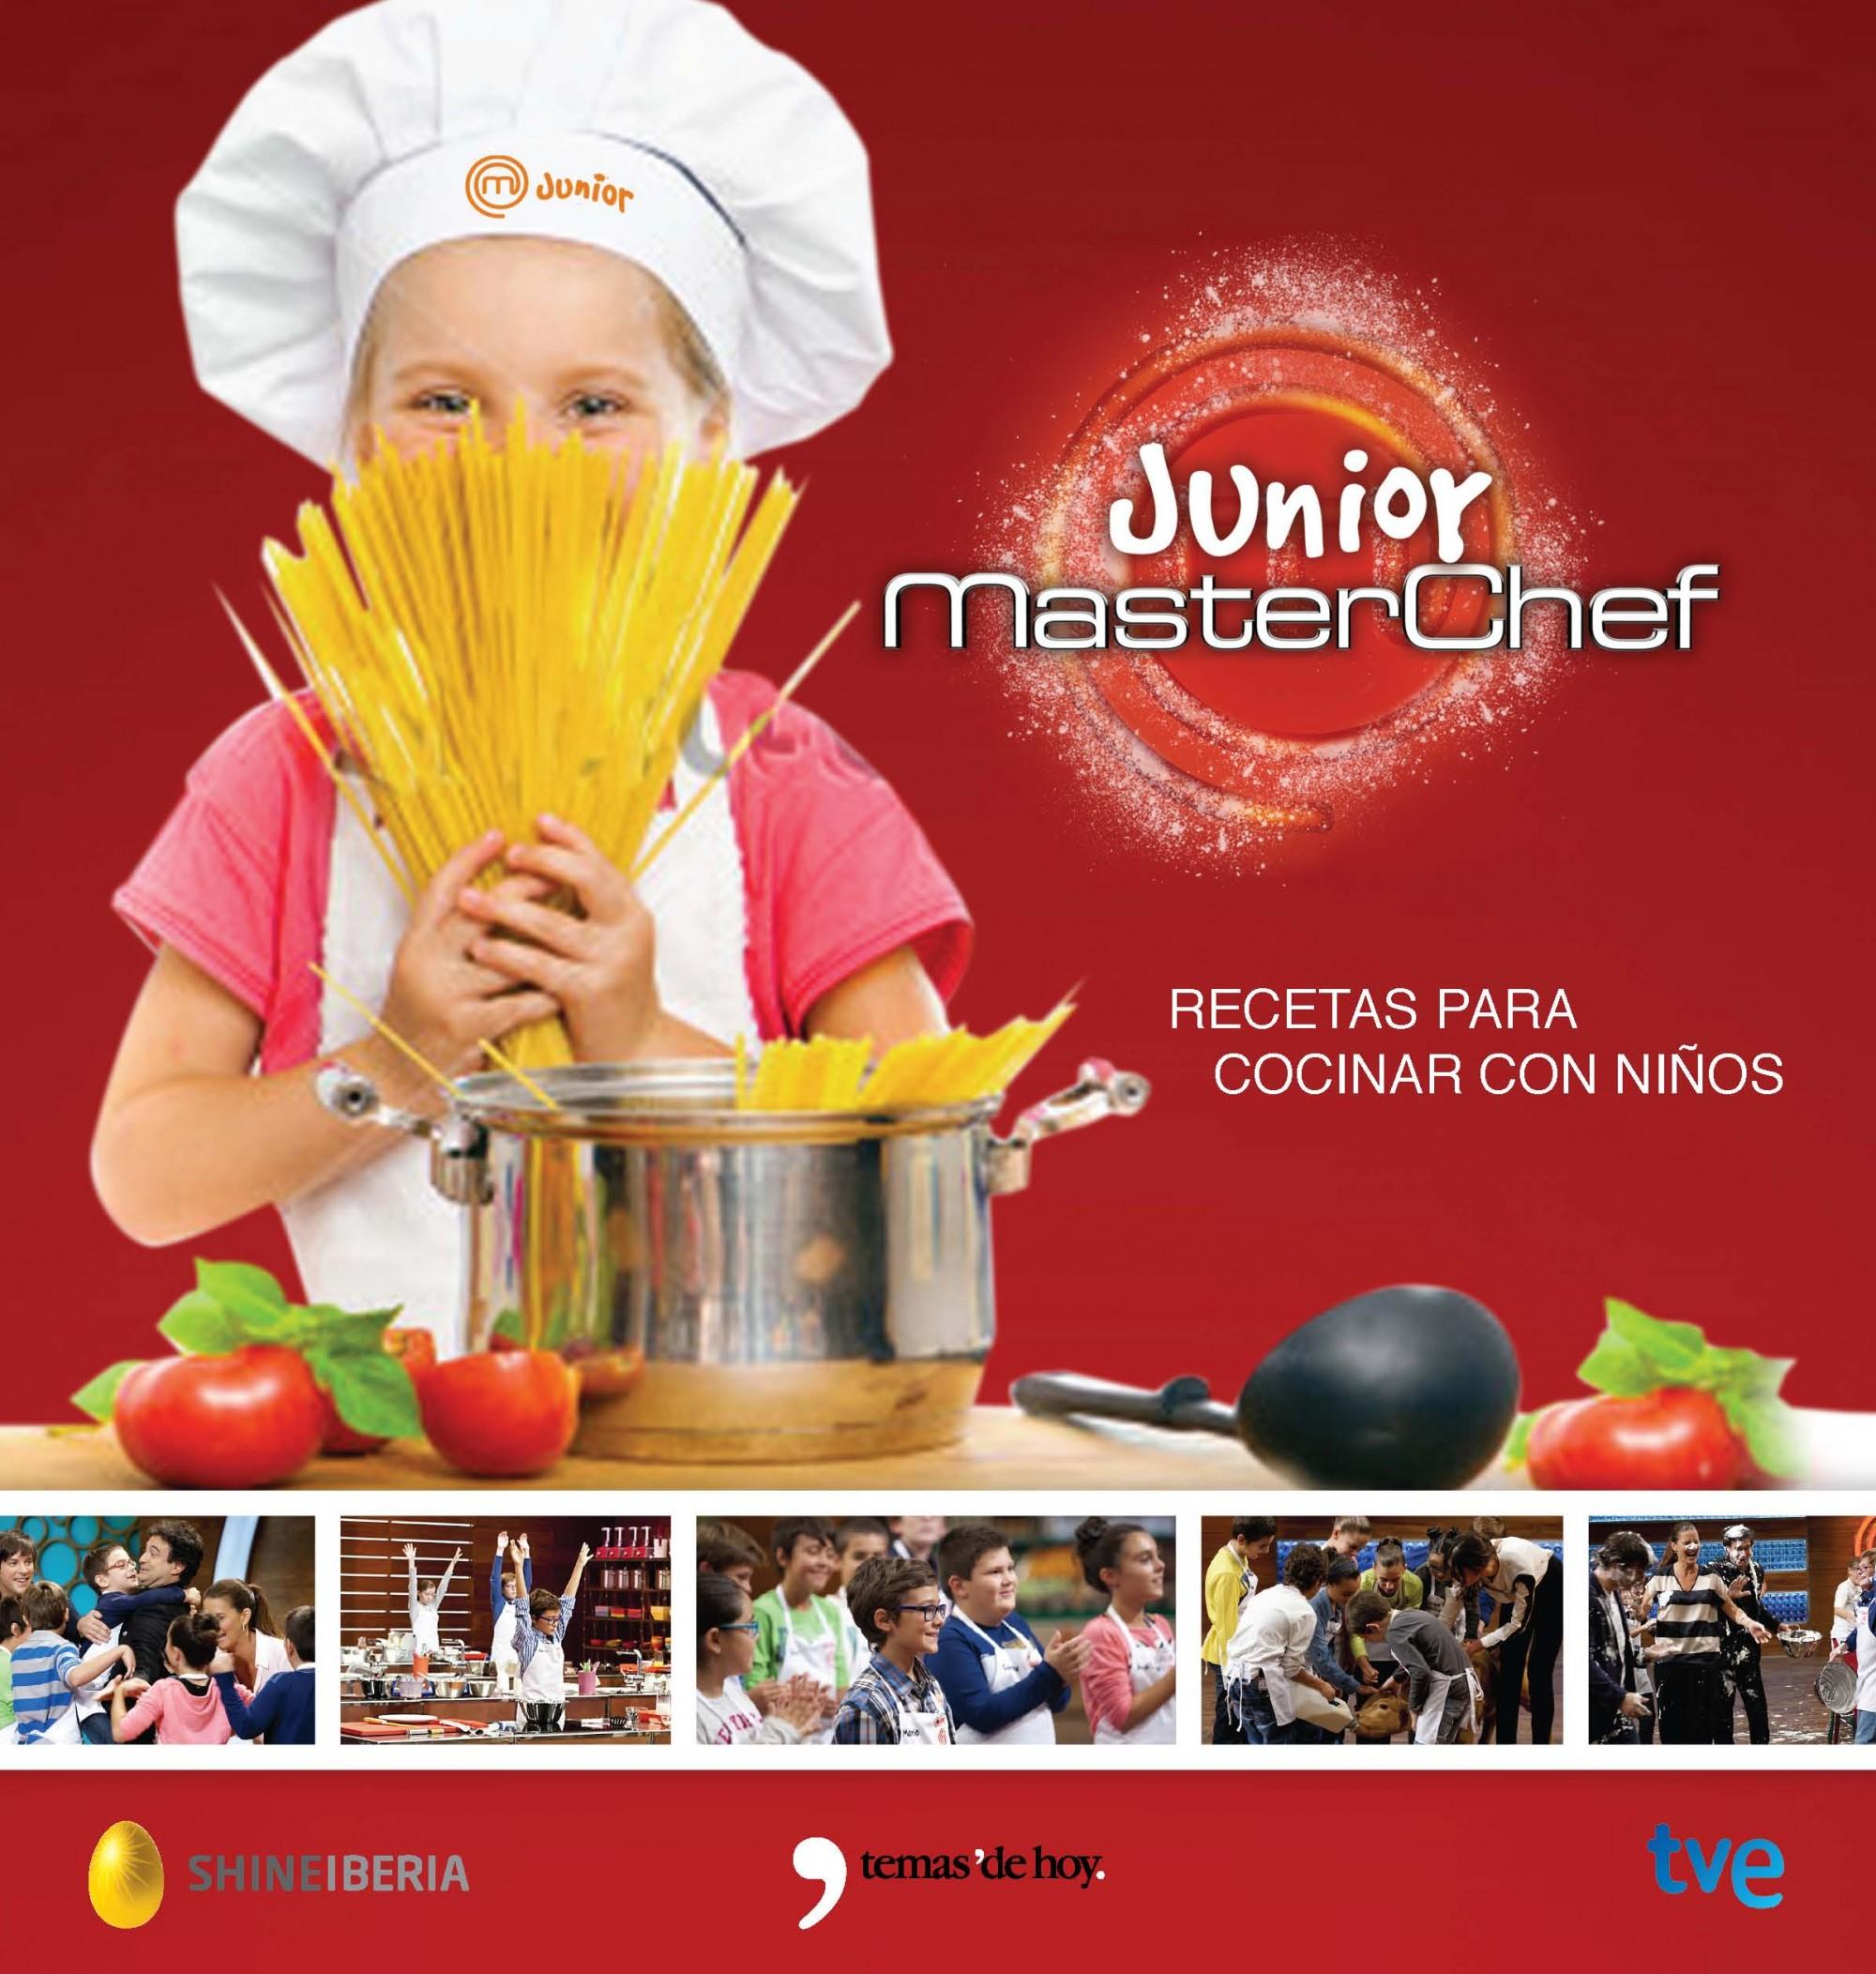 Libros De Cocina Para Principiantes | Masterchef Junior Recetas Para Cocinar Con Ninos Vv Aa Comprar